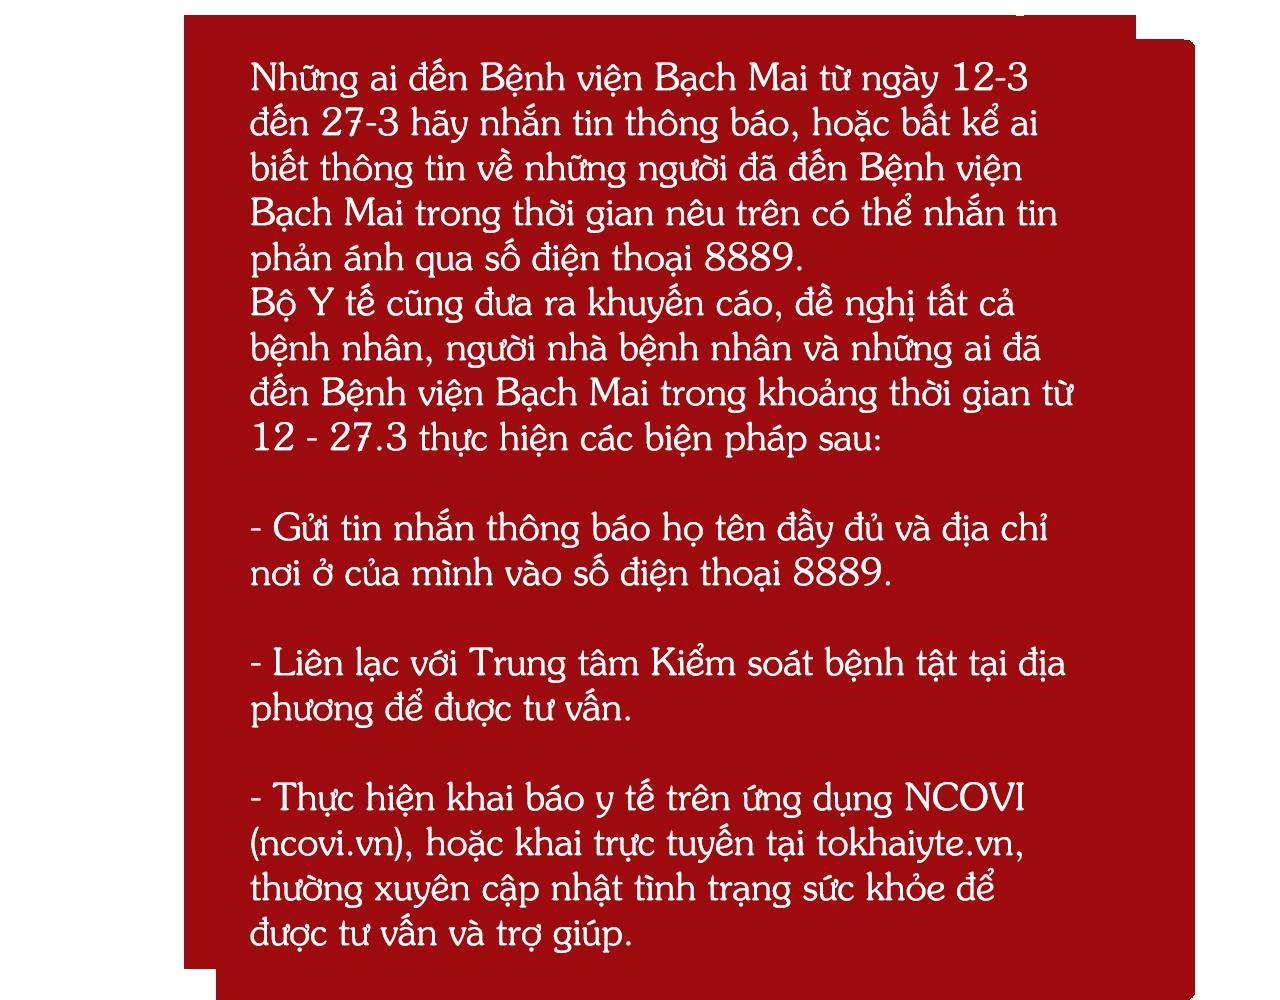 [eMagazine] Ổ dịch Covid-19 nguy hiểm nhất Việt Nam được phát hiện, khống chế thế nào? - Ảnh 33.